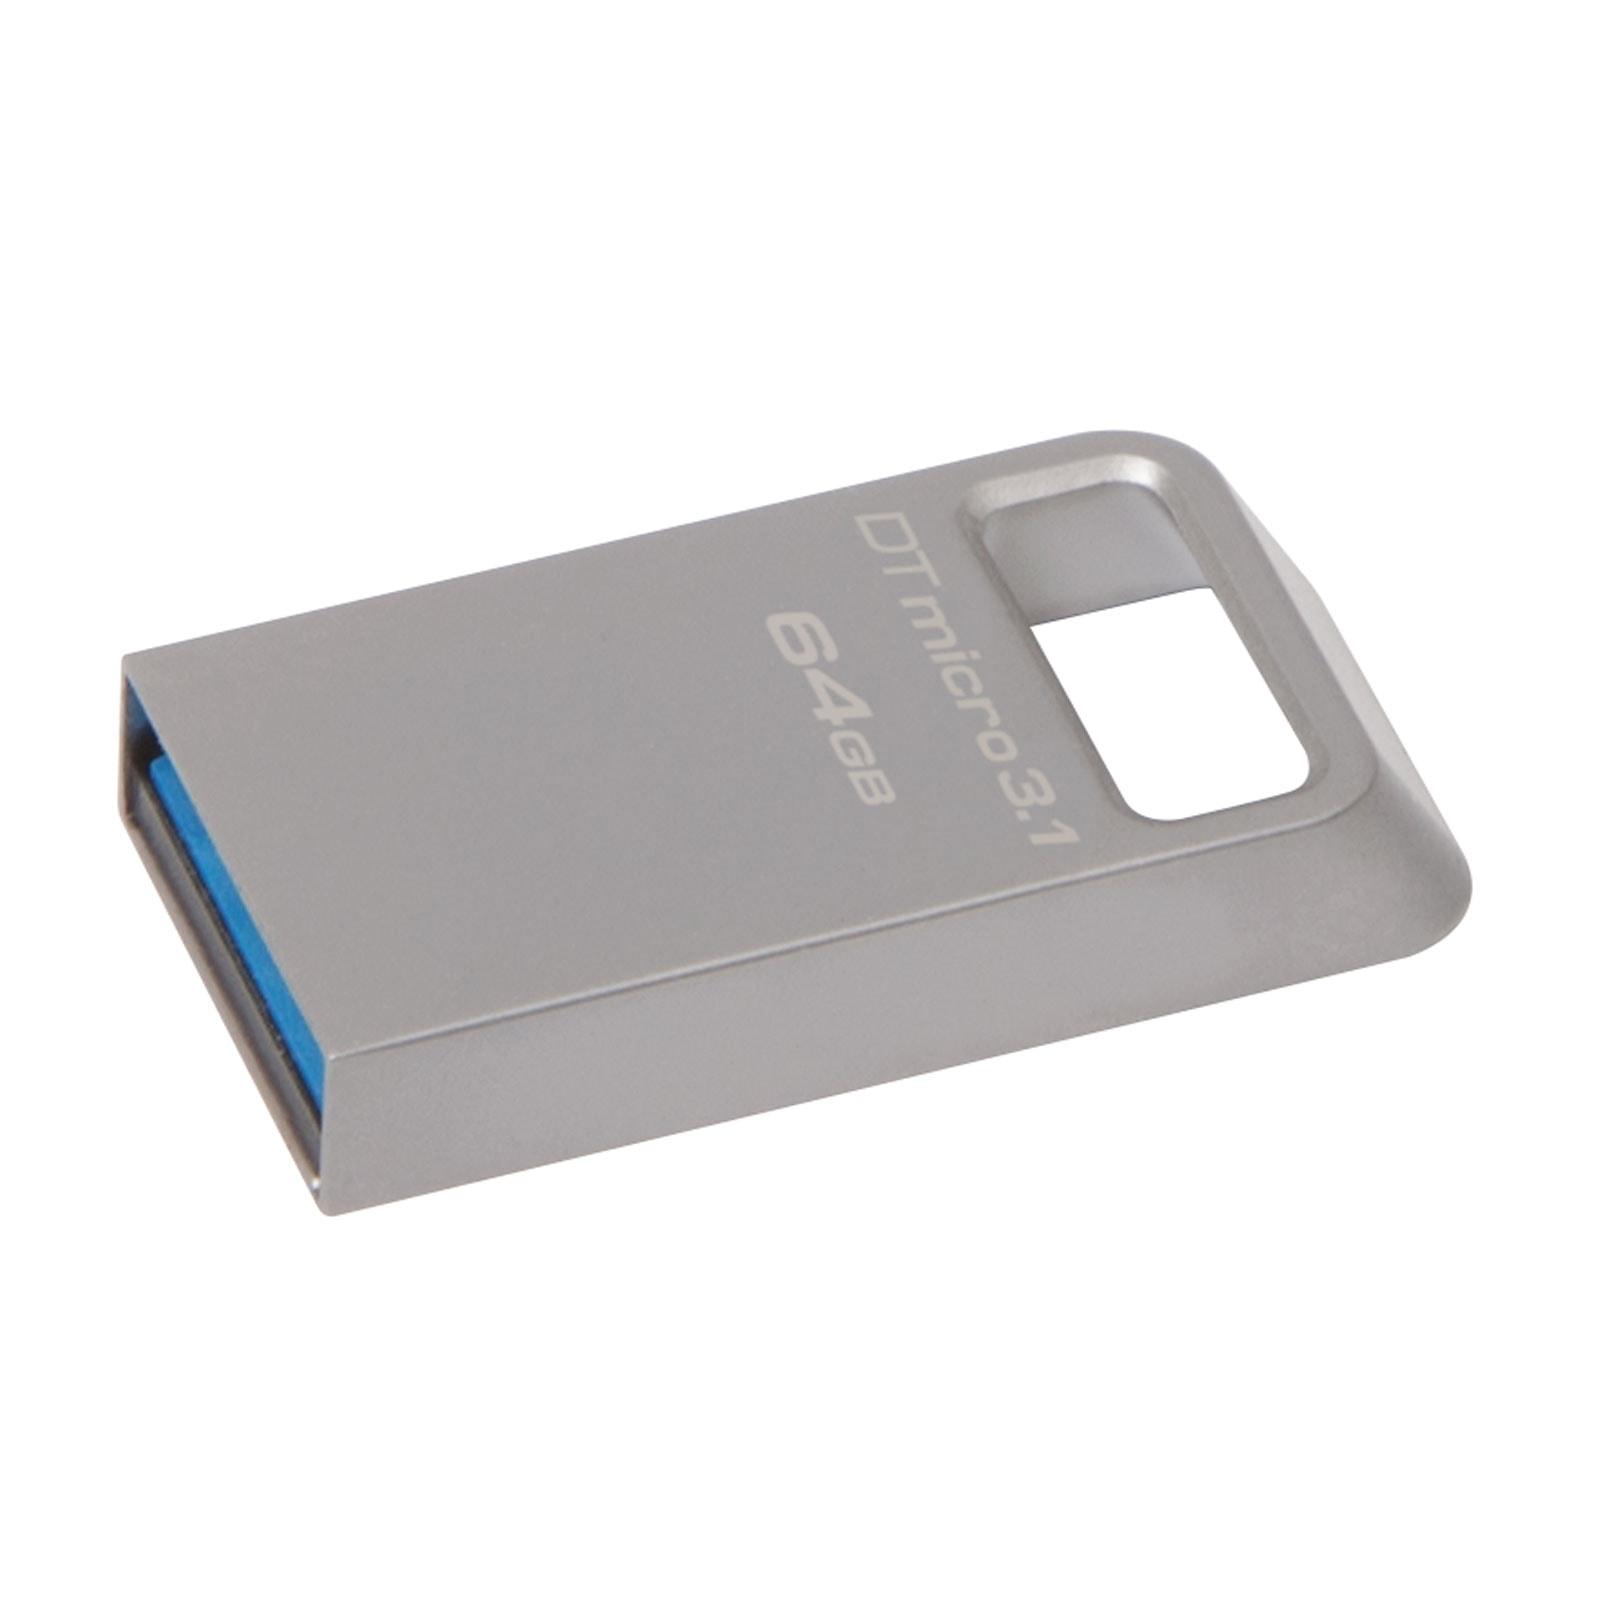 Kingston Clé 64Go USB 3.1 DataTraveler Micro DTMC3/64GB (DTMC3/64GB) - Achat / Vente Clé USB sur Cybertek.fr - 0